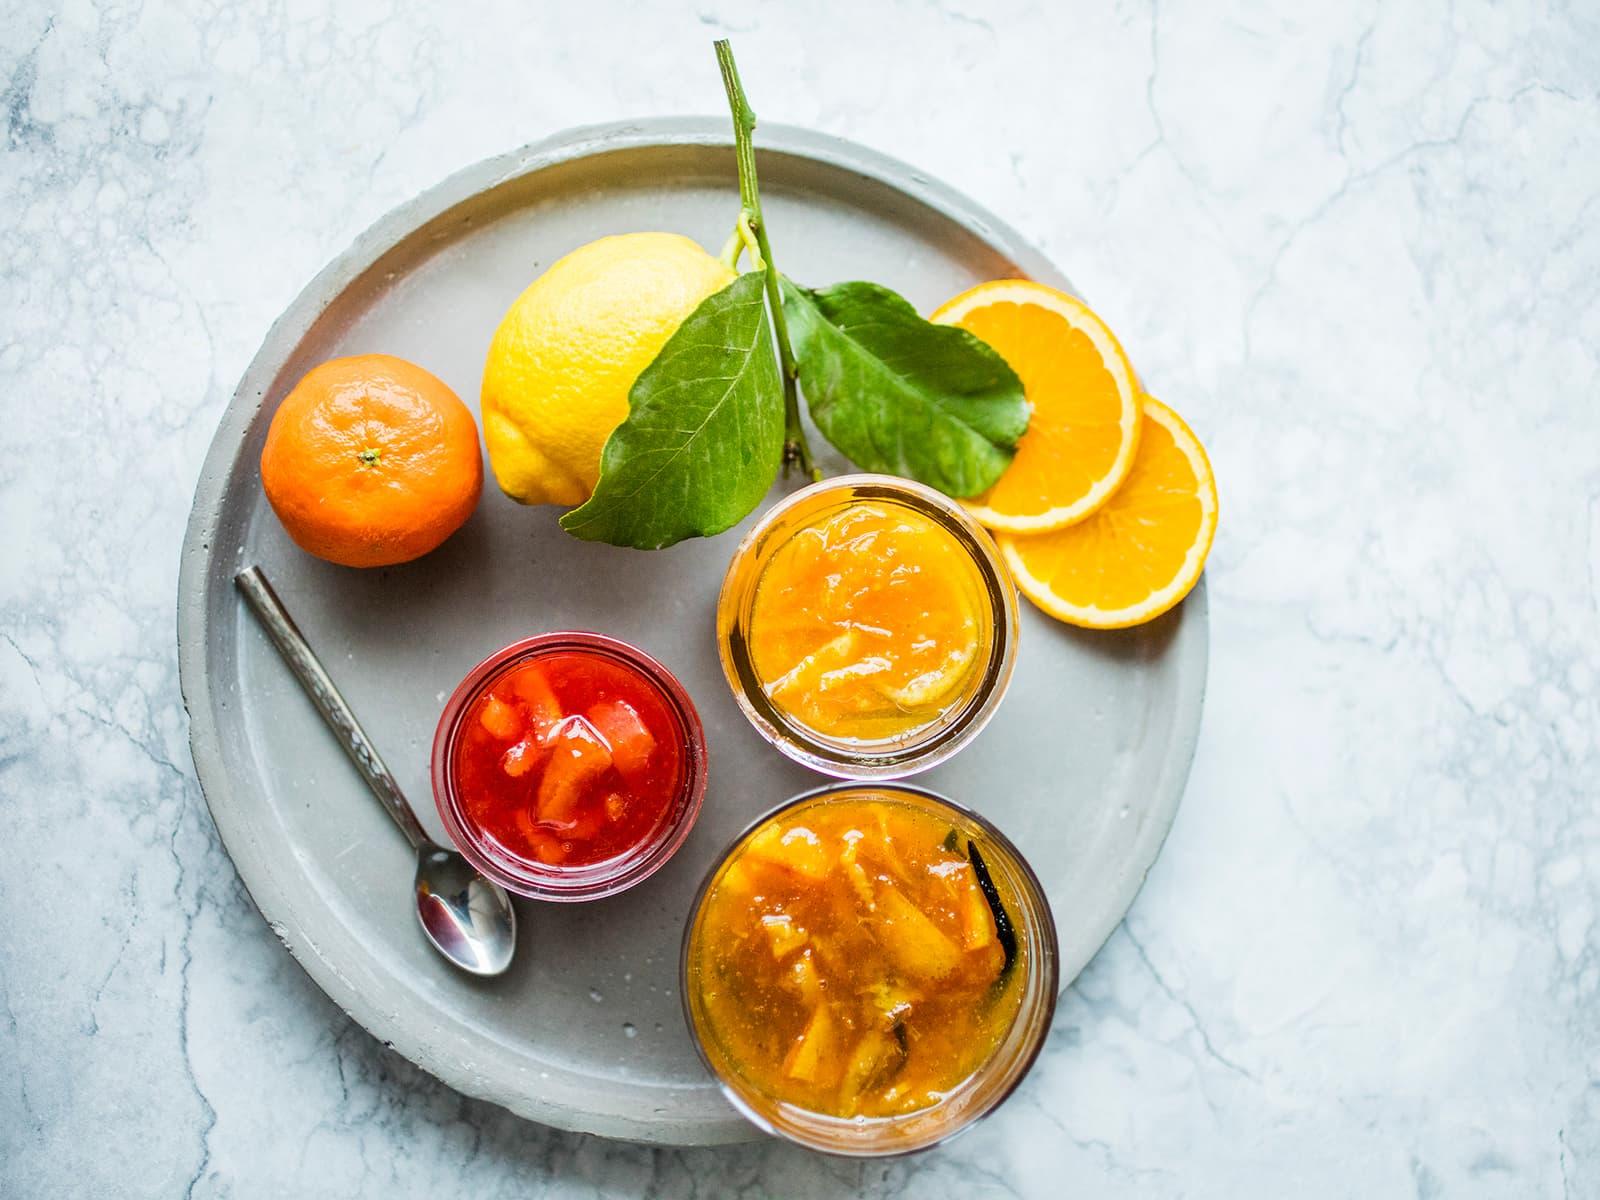 Appelsinmarmelade av søte appelsiner